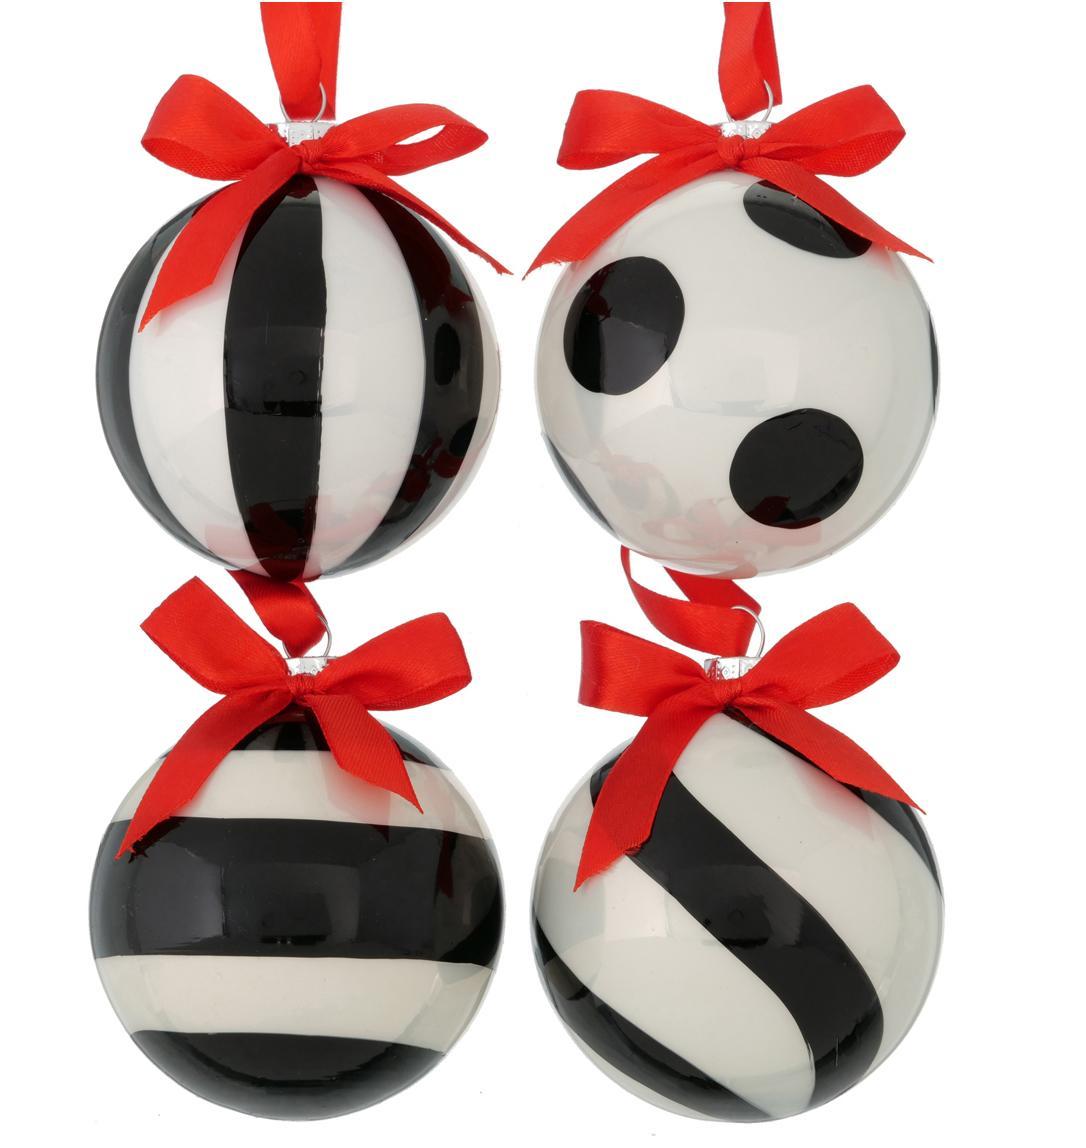 Weihnachtskugel-Set Geoma Ø8cm, 4-tlg., Schwarz, Weiß, Rot, Ø 8 cm